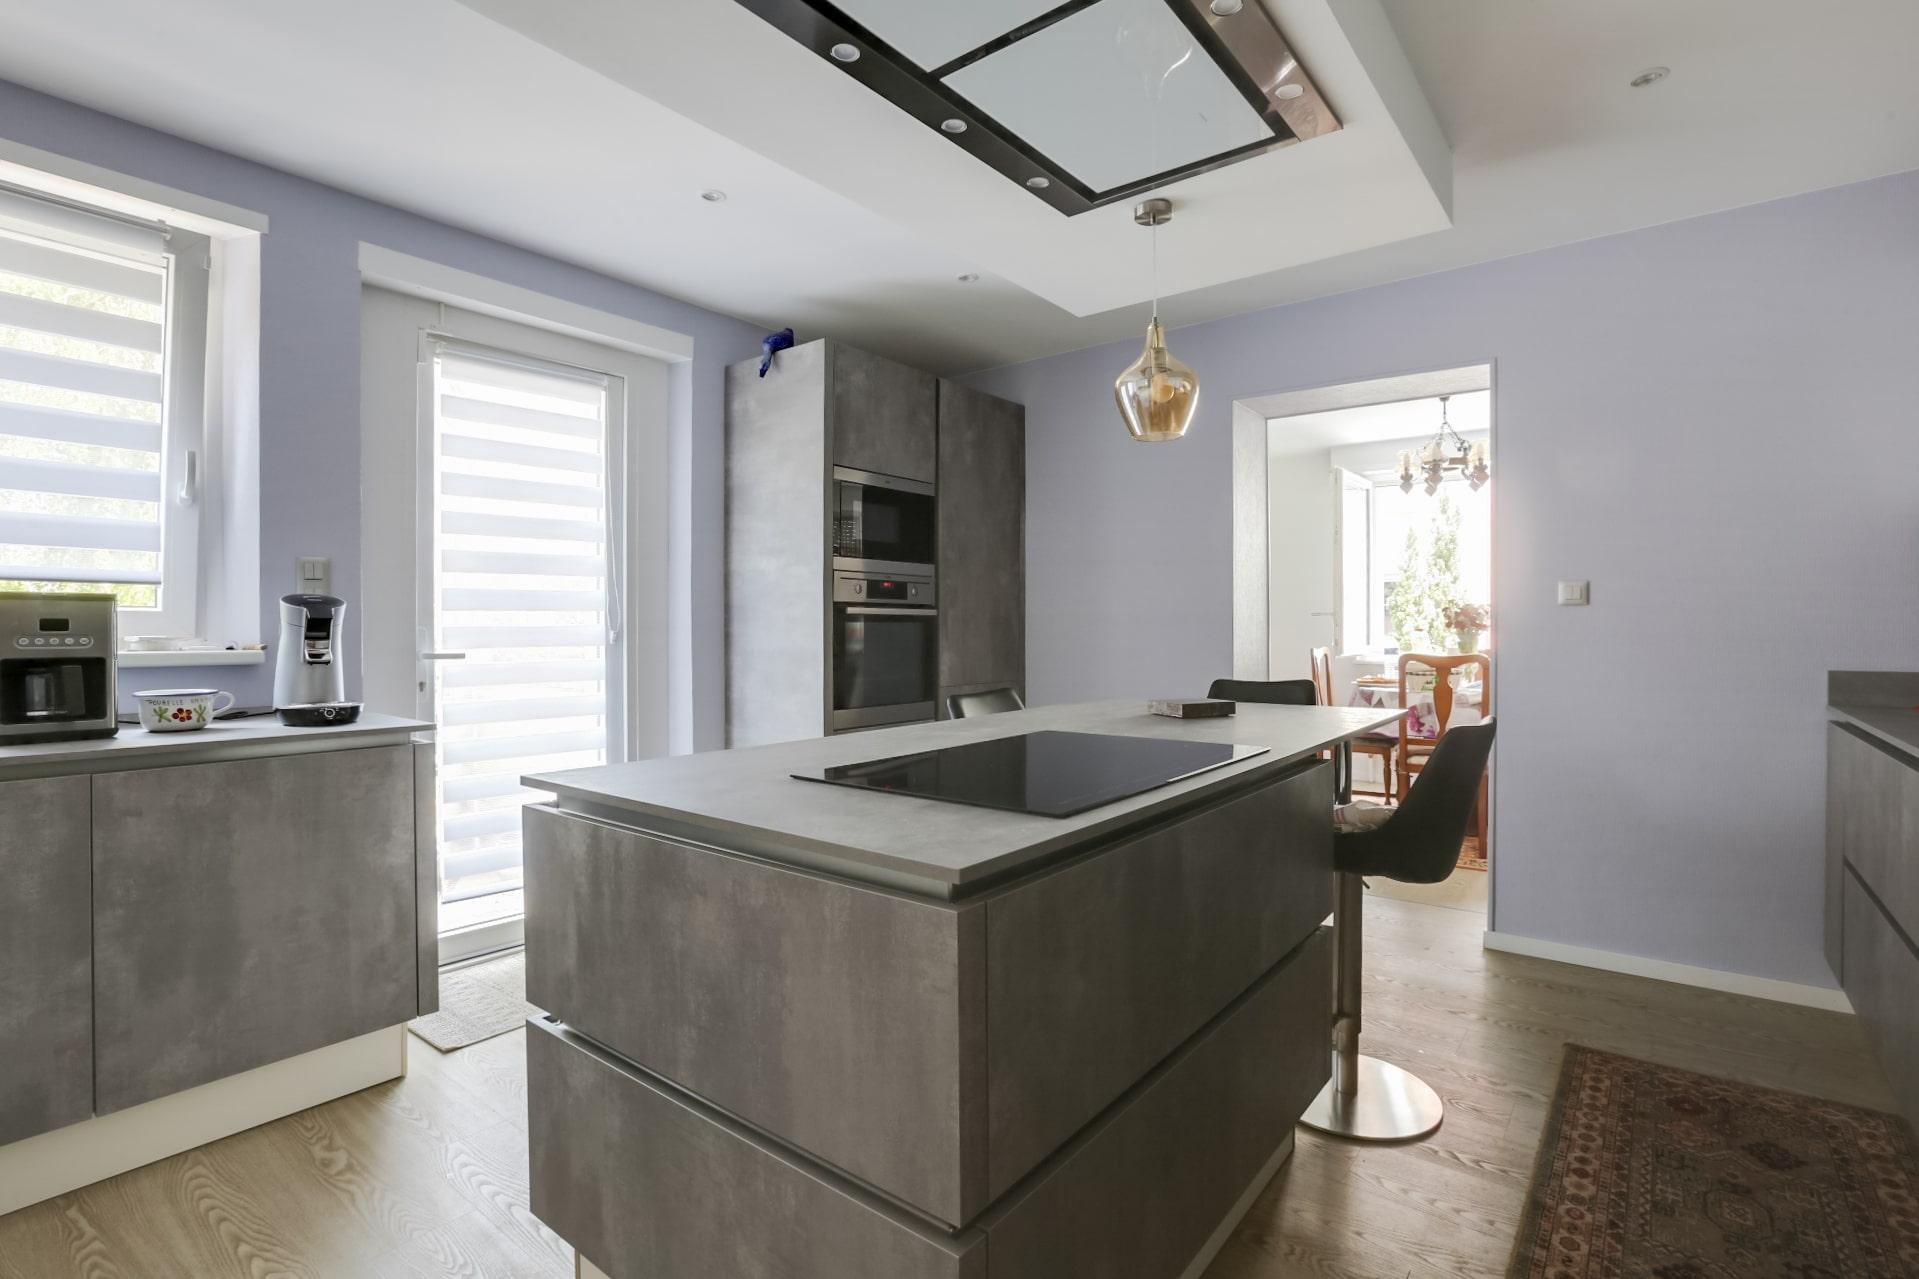 Ouvrir Une Cuisine Fermée rénovation cuisine pour maison et appartement [guide